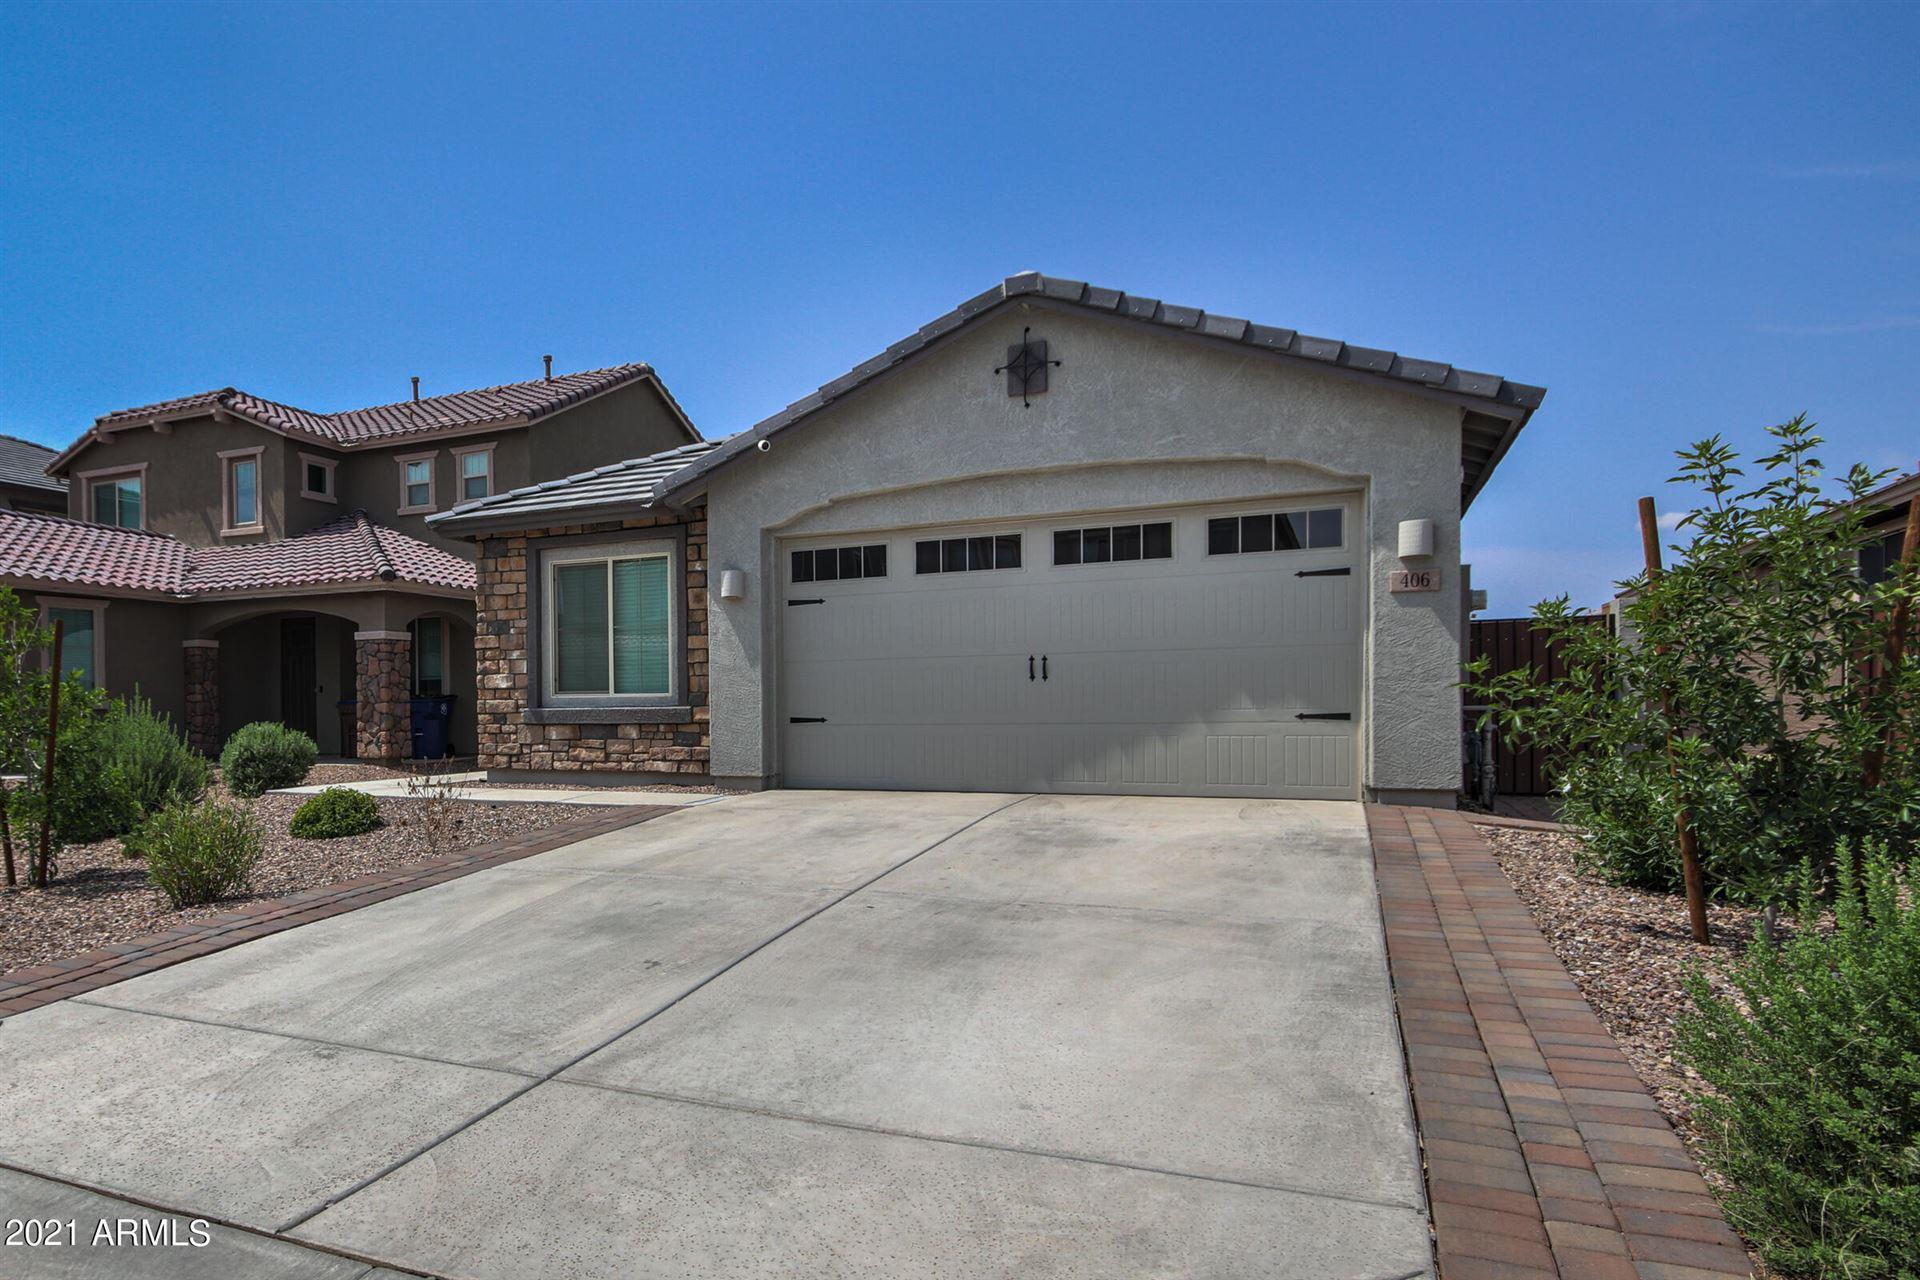 Photo of 406 W Striding Edge Drive, San Tan Valley, AZ 85142 (MLS # 6268414)